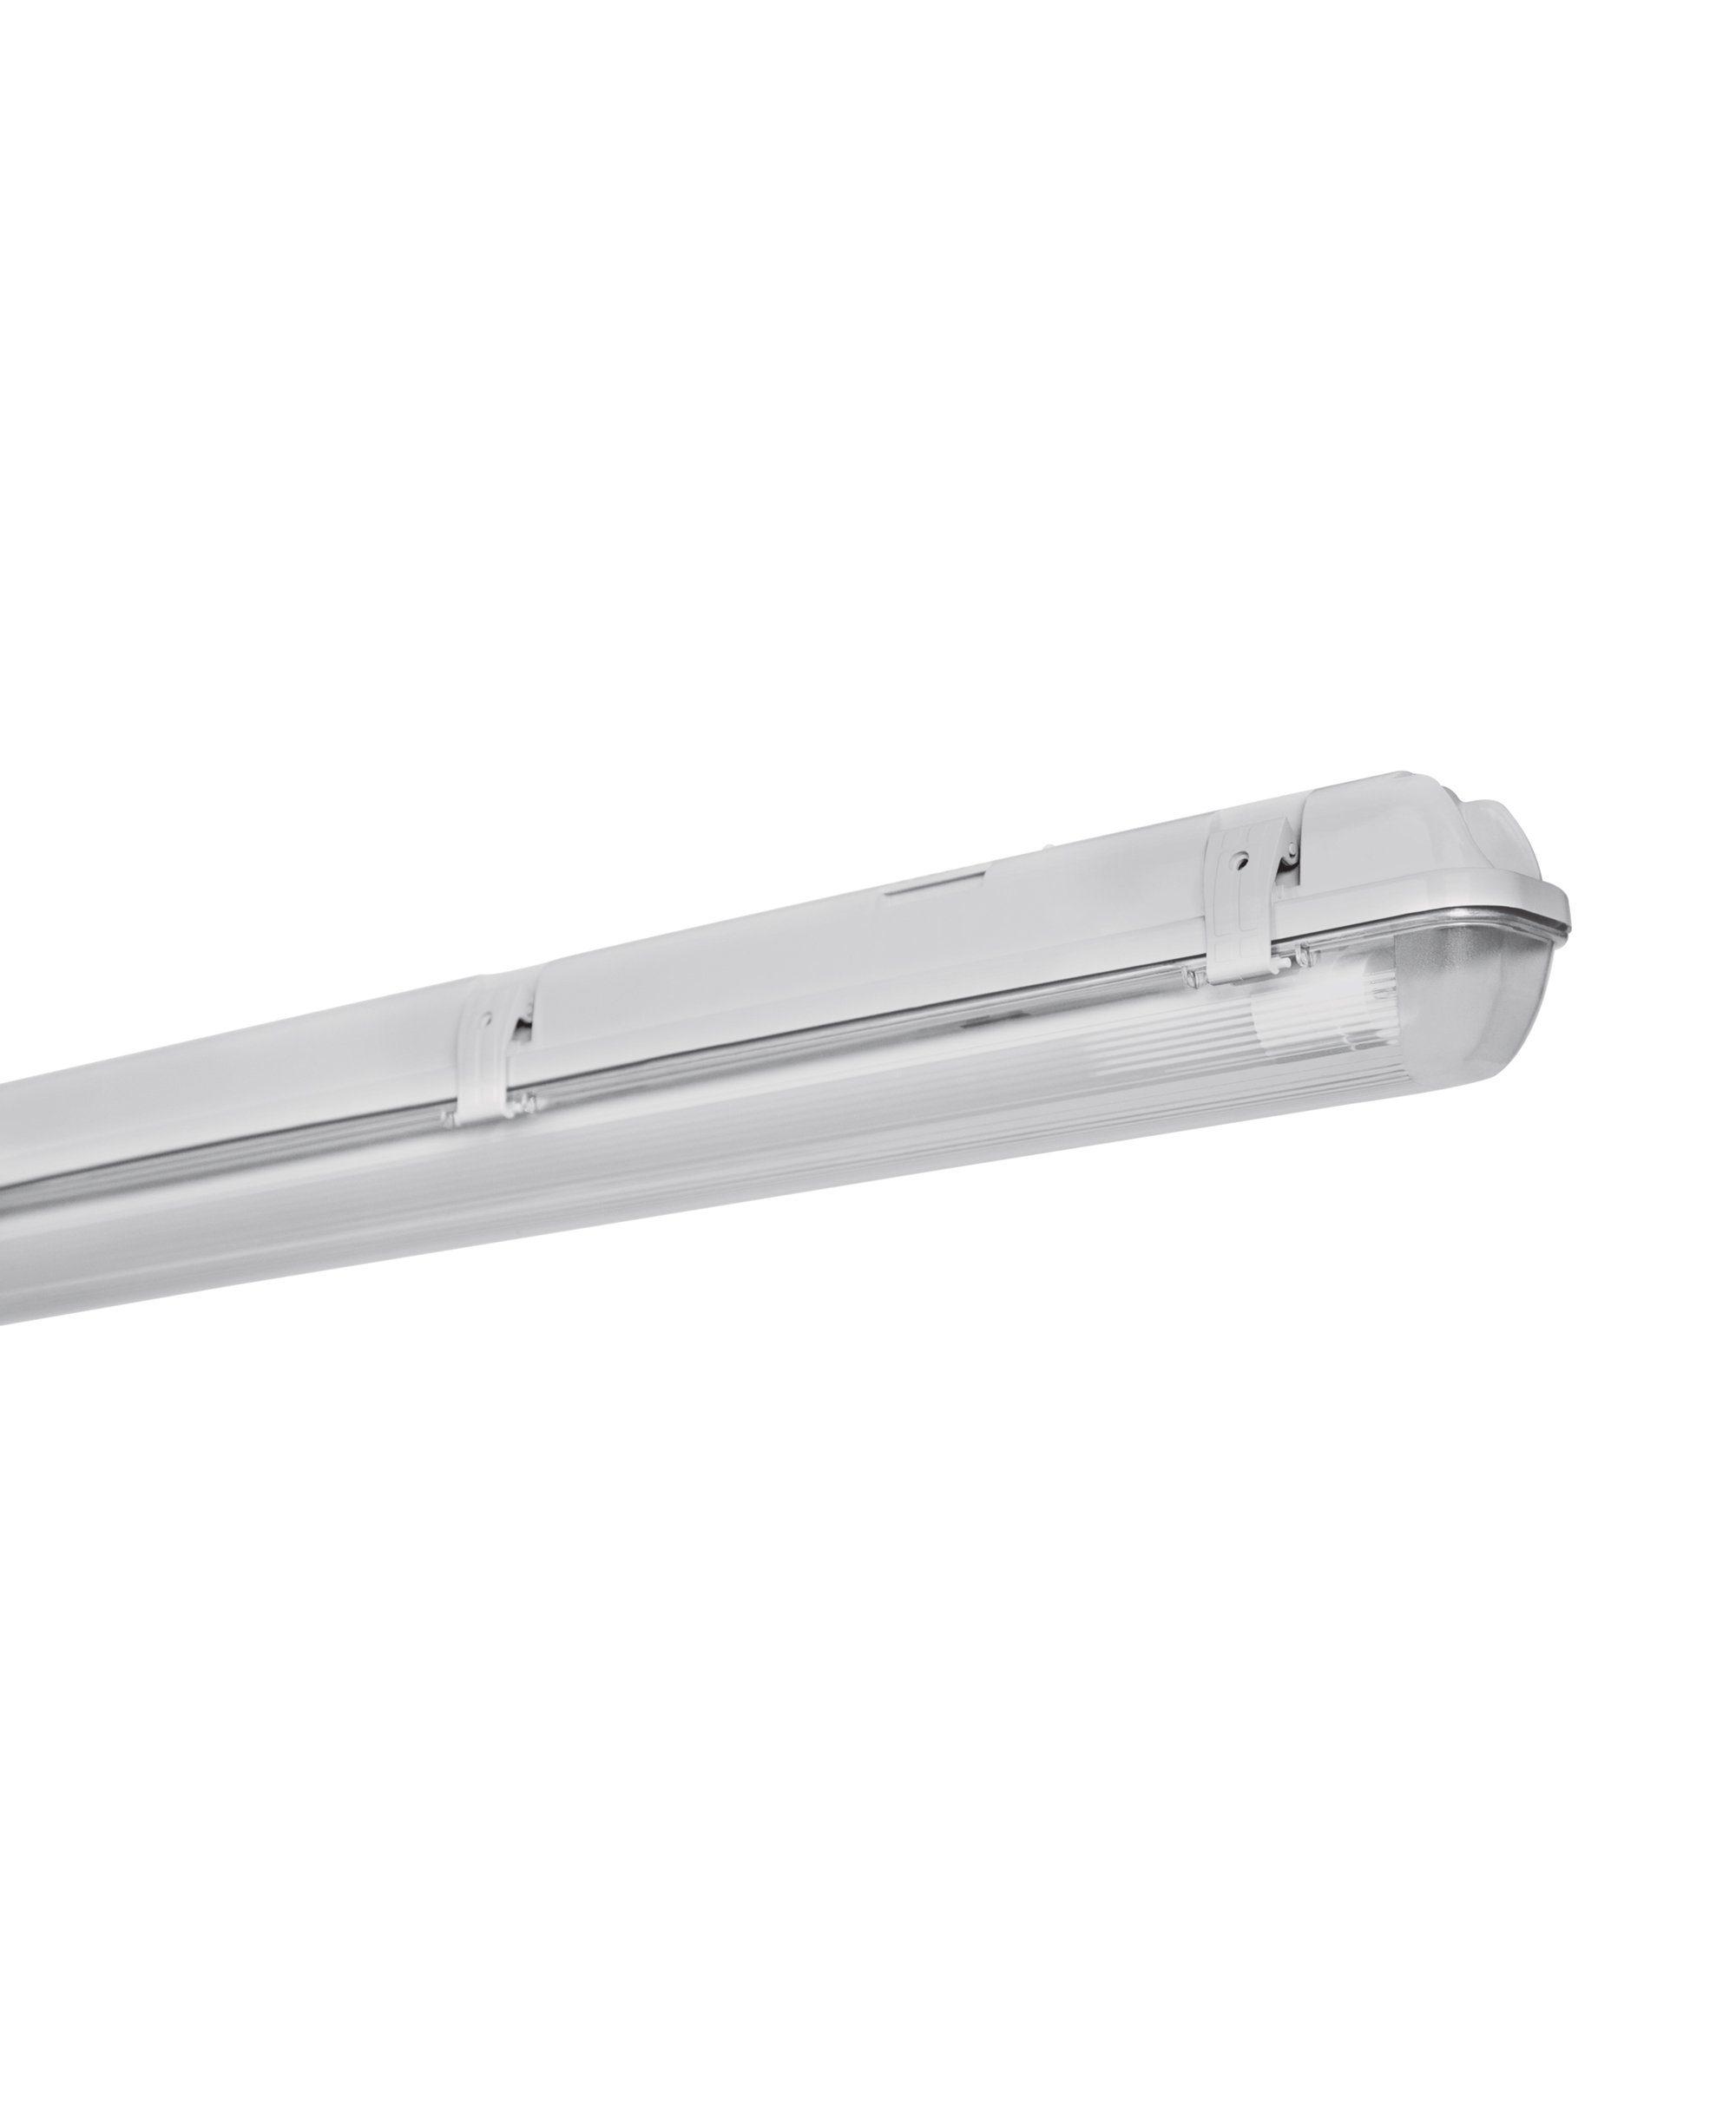 Osram Feuchtraumleuchte, Lichtleiste, LED-Röhre mit Starter, G13 »SubMARINE 20 W 840 4000 K«